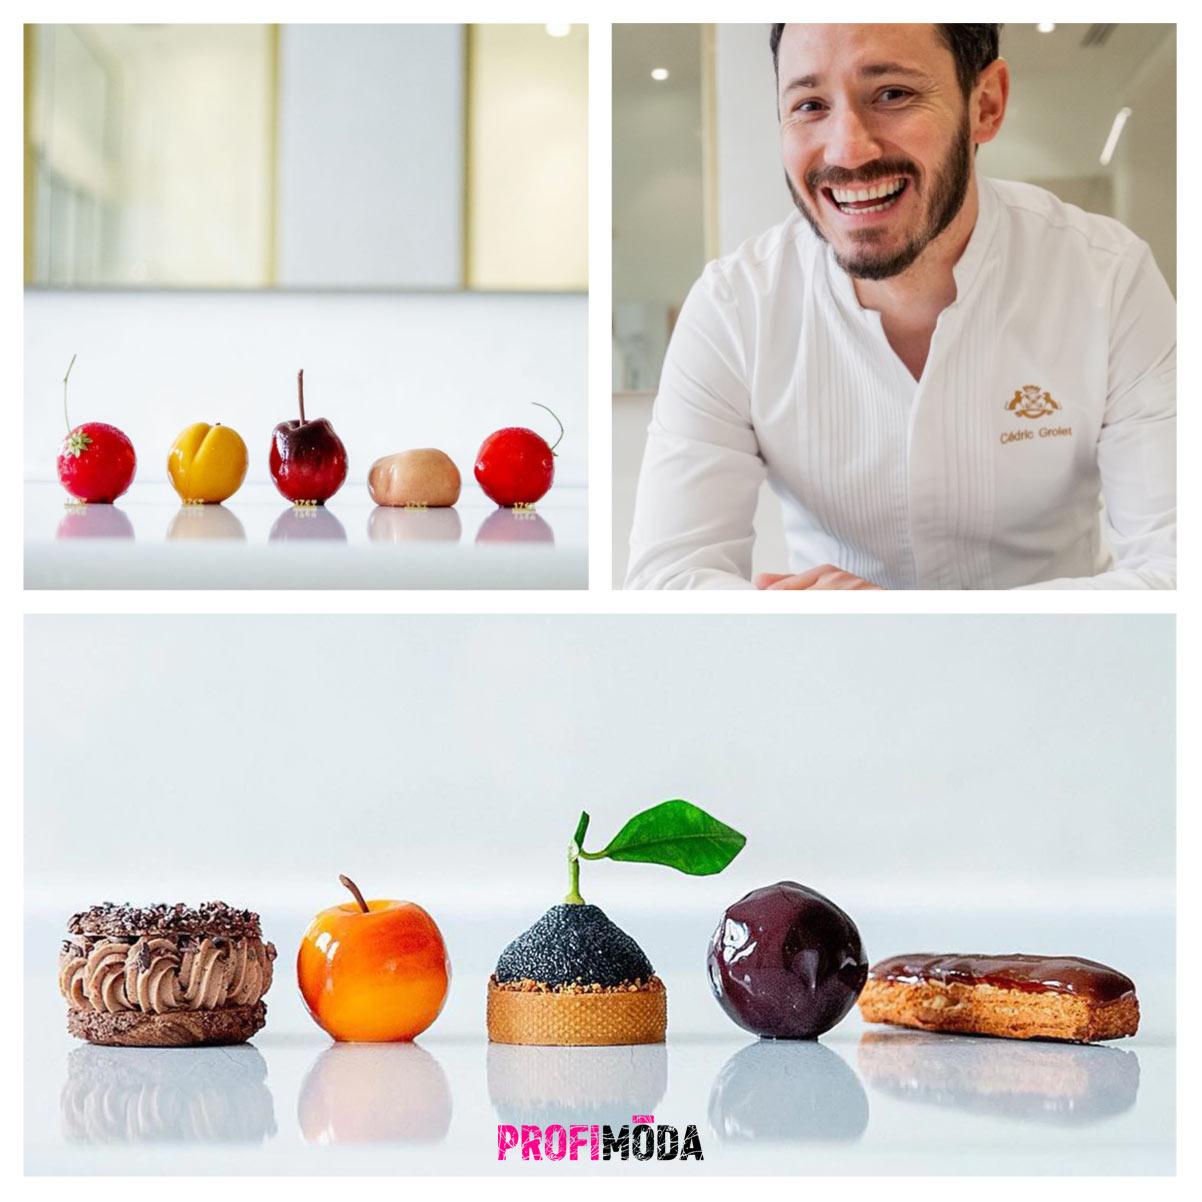 Cédric Grolet je umělec s kuchařskou čepicí. Jeho jablíčka, hruštičky a další ovoce miluje celý svět.